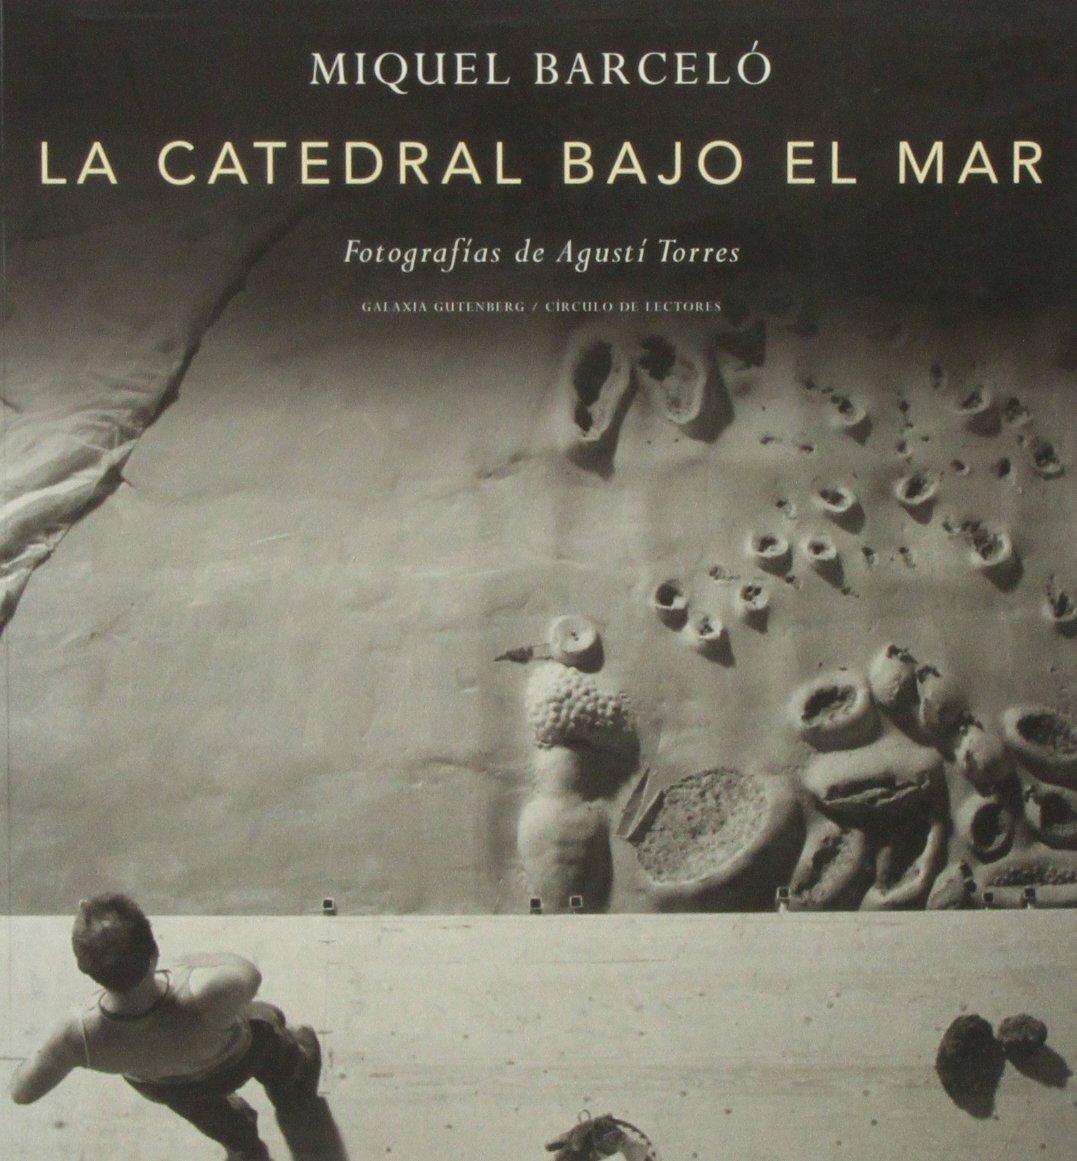 La catedral bajo el mar: Amazon.es: Barceló, Miquel : Libros